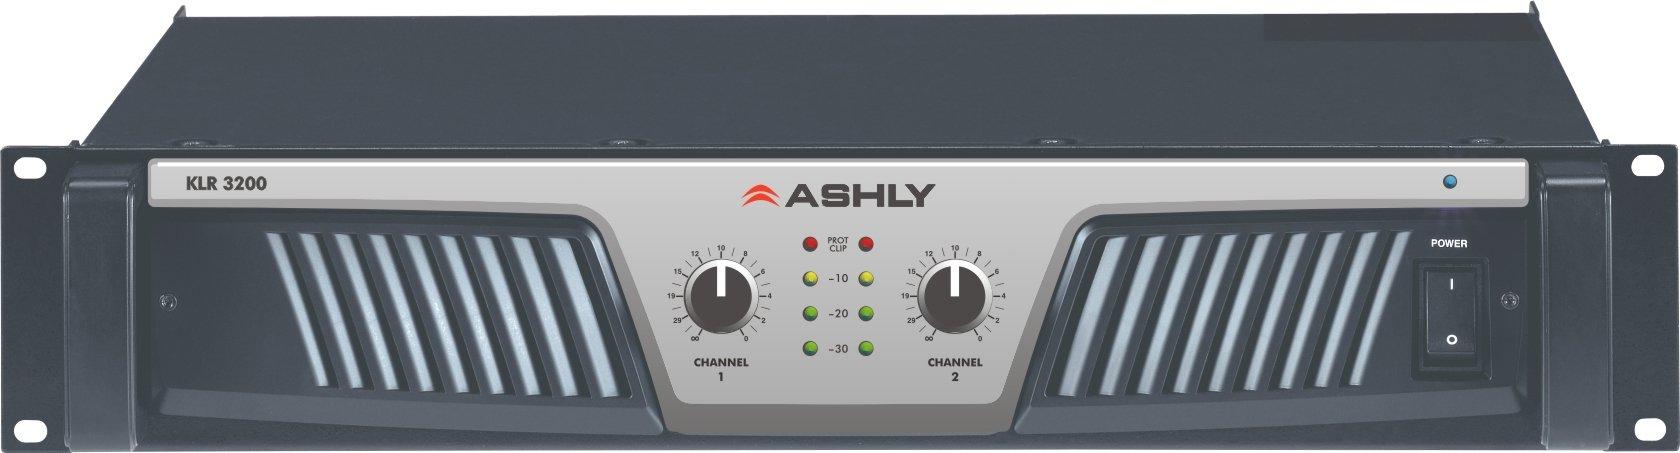 Ashly KLR 3200 2-Channel Power Amplifier